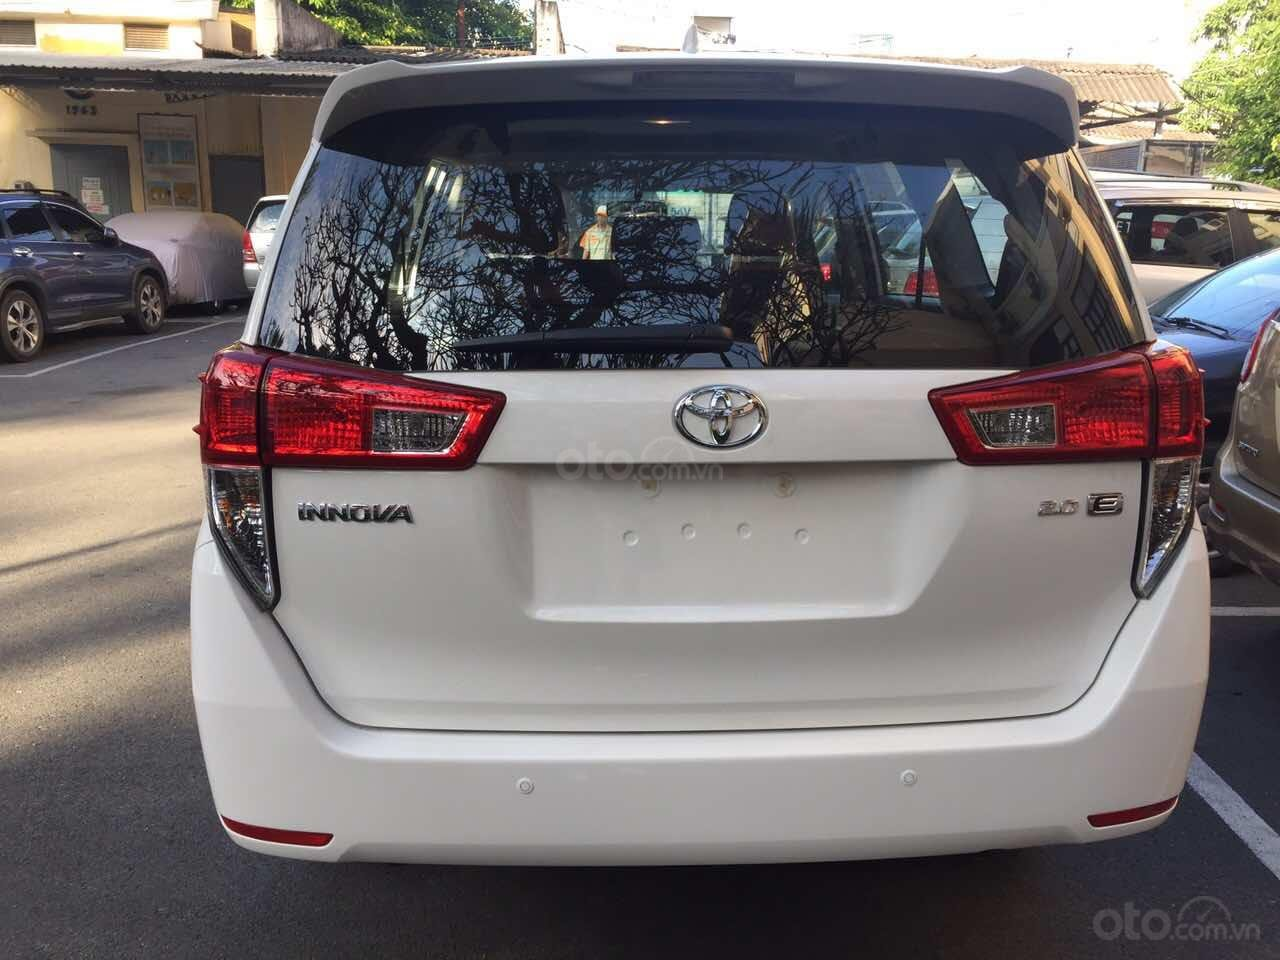 Cần bán xe Toyota Innova 2.0E MT đời 2019, màu trắng giảm tiền mặt, tặng bảo hiểm, DVD, camera, hộp đen-4